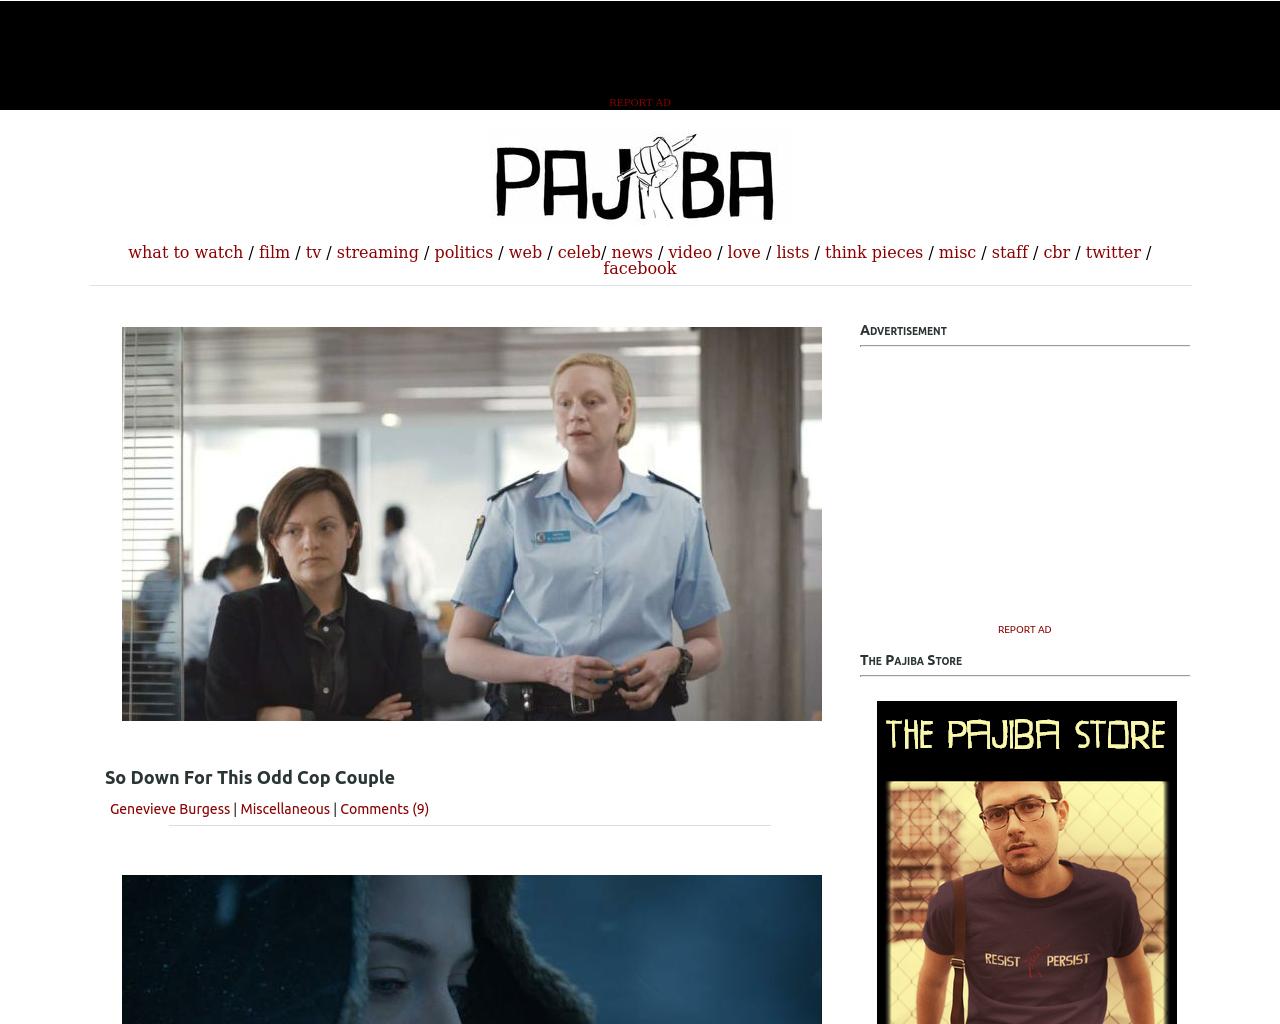 PAJIBA-Advertising-Reviews-Pricing